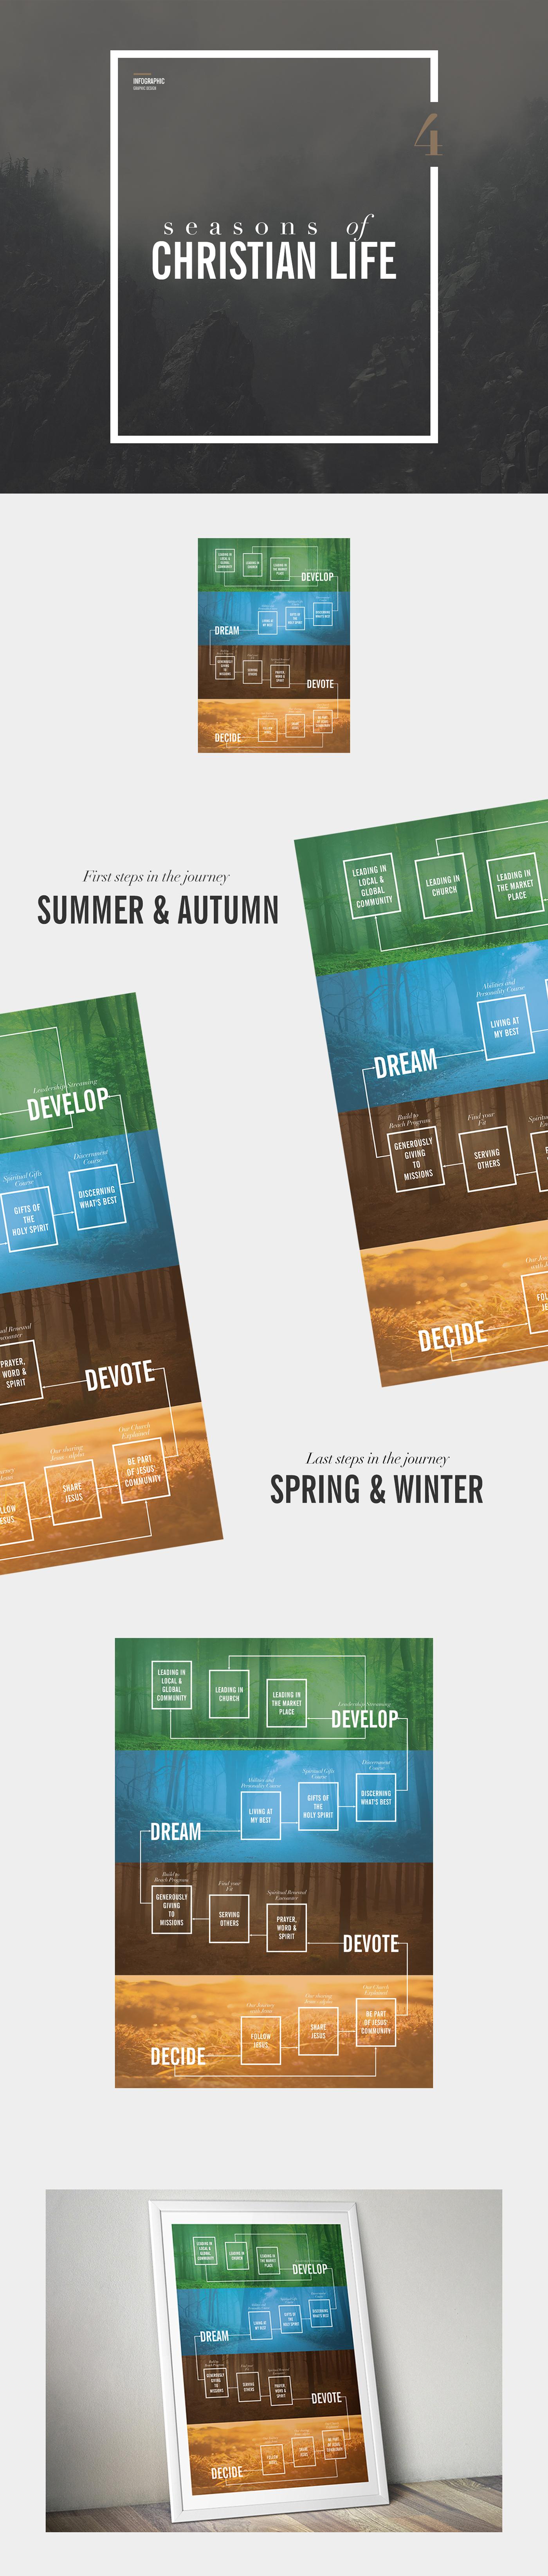 four seasons infographics christian life poster